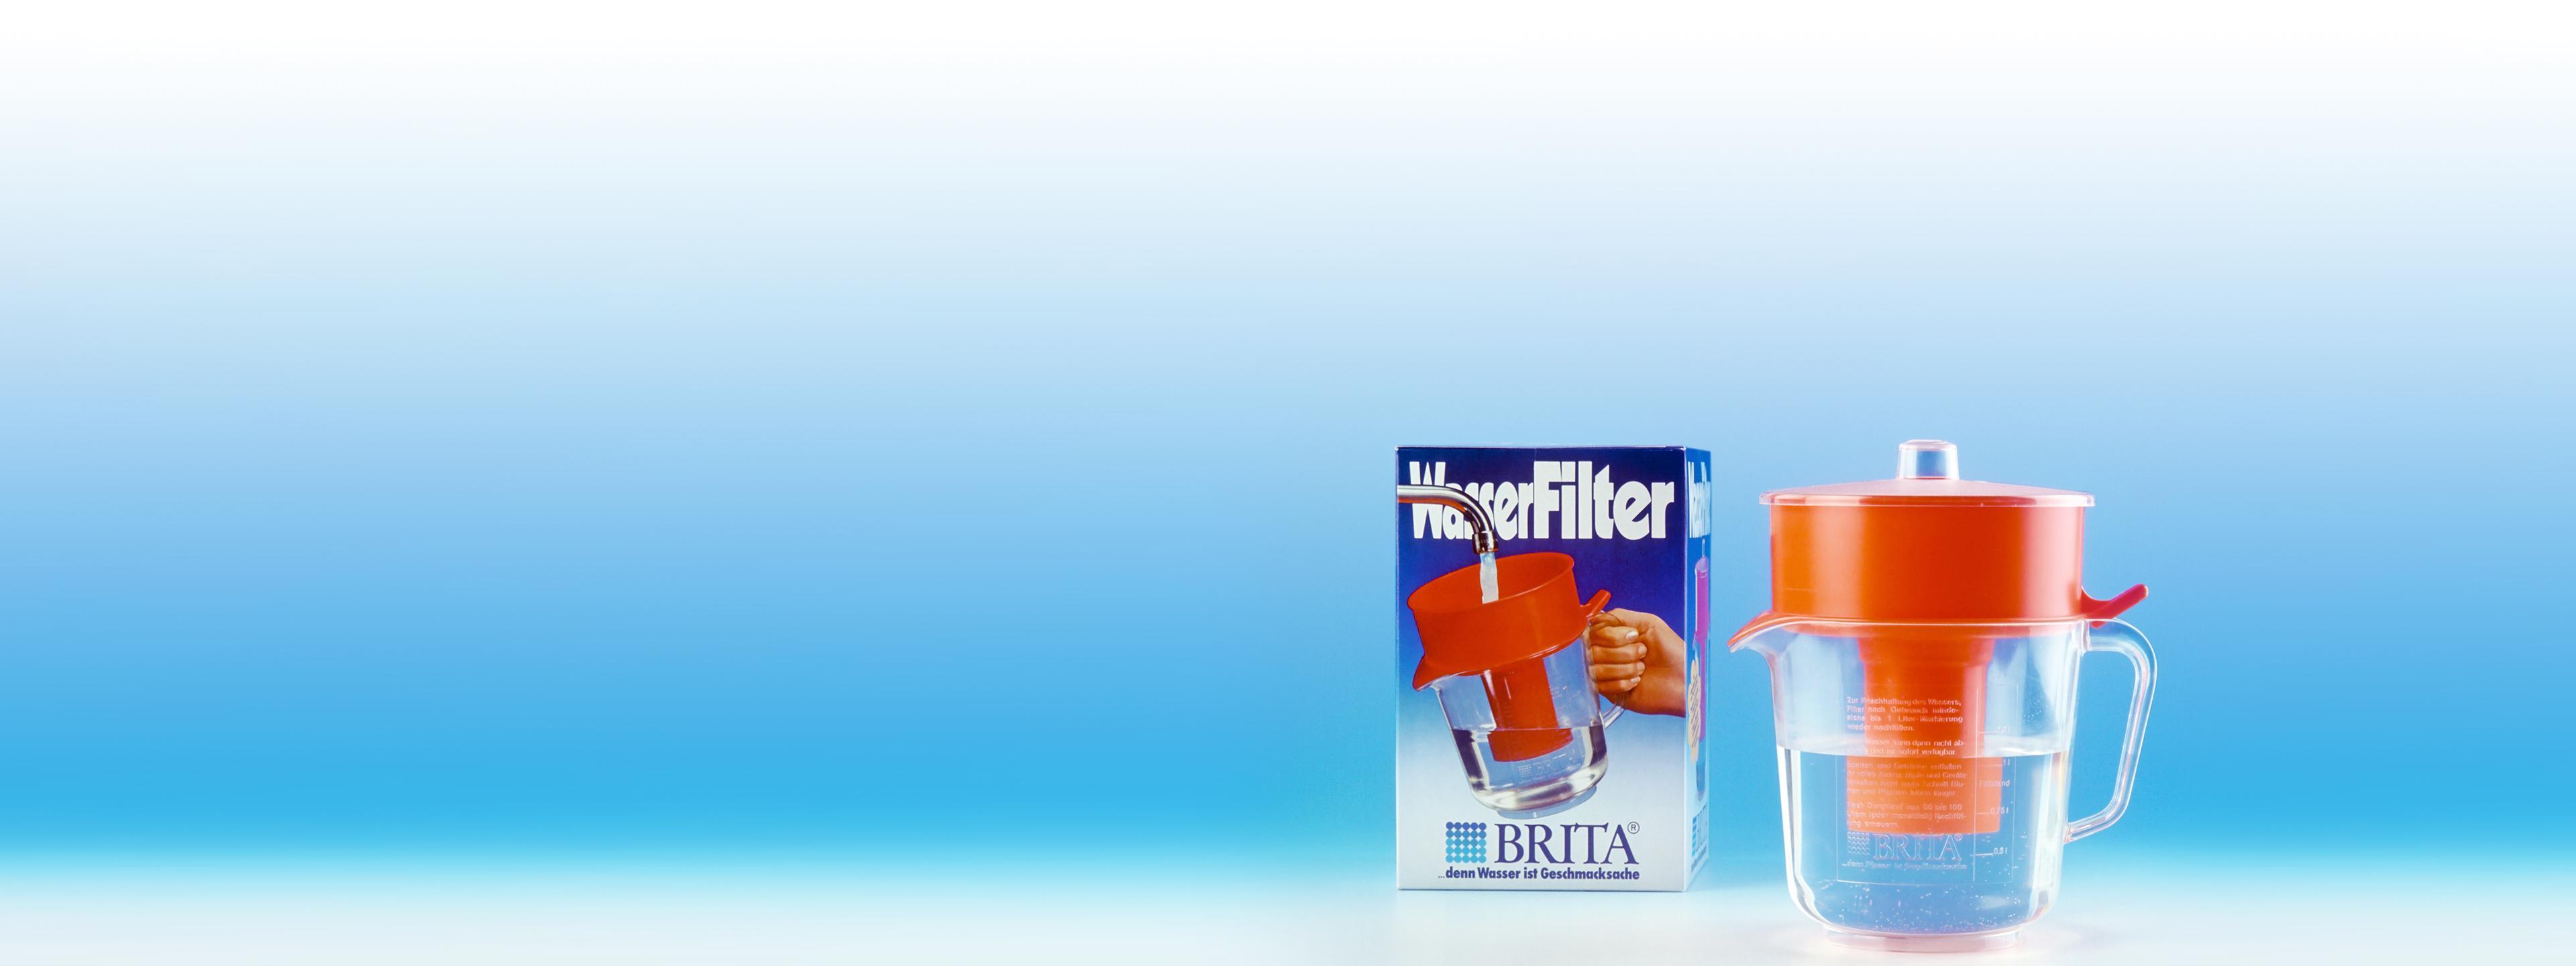 BRITA Geschichte erster Wasserfilter